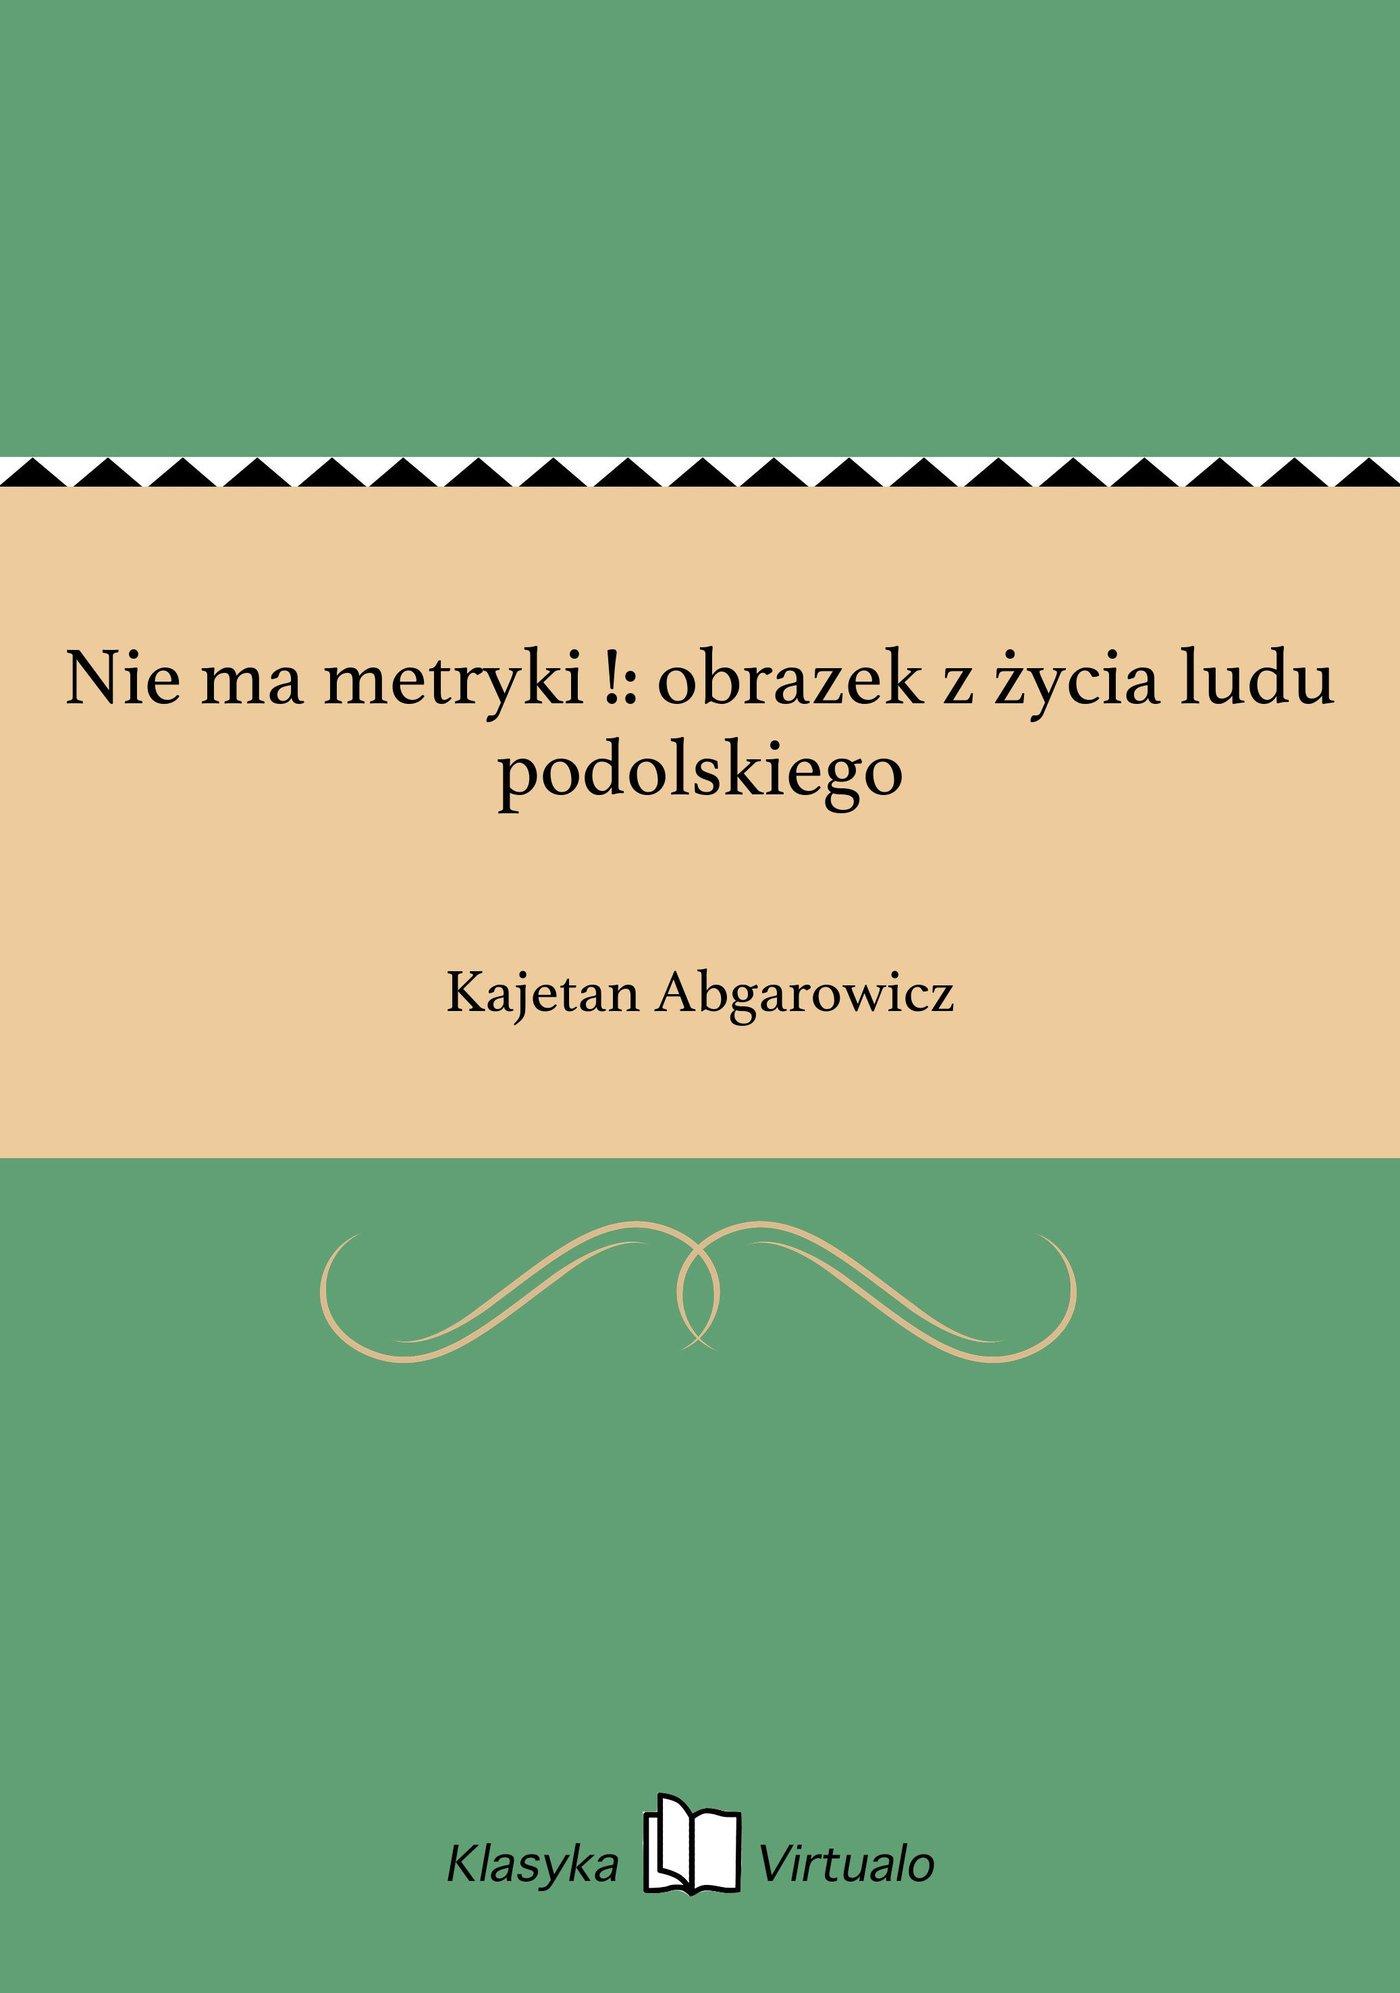 Nie ma metryki !: obrazek z życia ludu podolskiego - Ebook (Książka EPUB) do pobrania w formacie EPUB